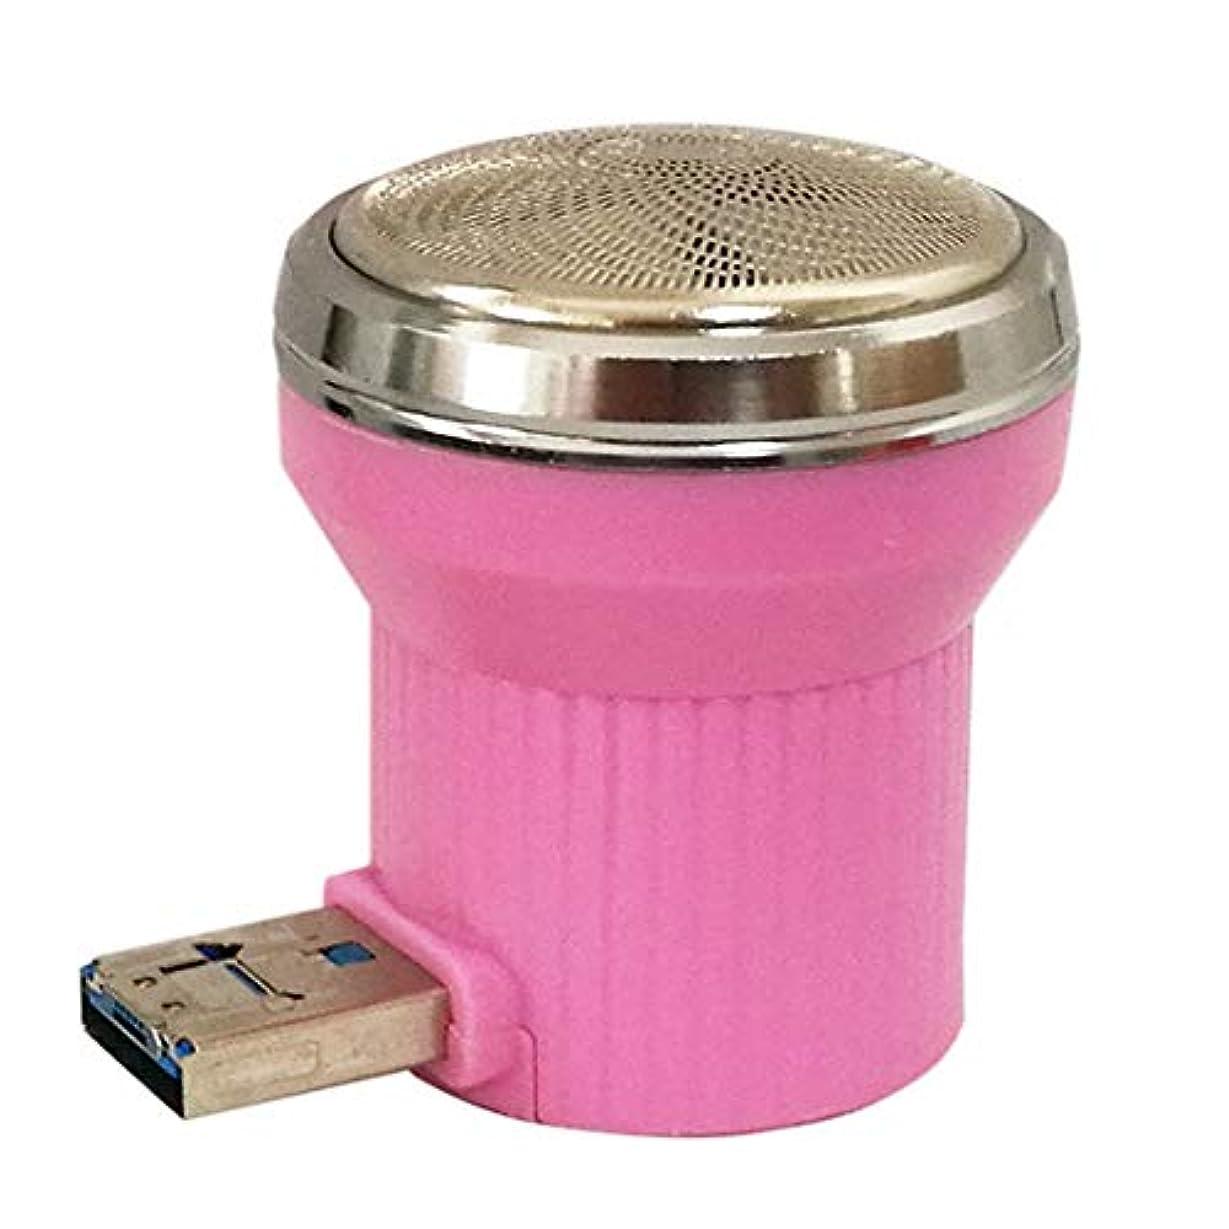 オフェンス可塑性レンズ旅行用かみそり用ミニかみそりUSB携帯電話多機能ポータブル電気メンズかみそり(ピンク)